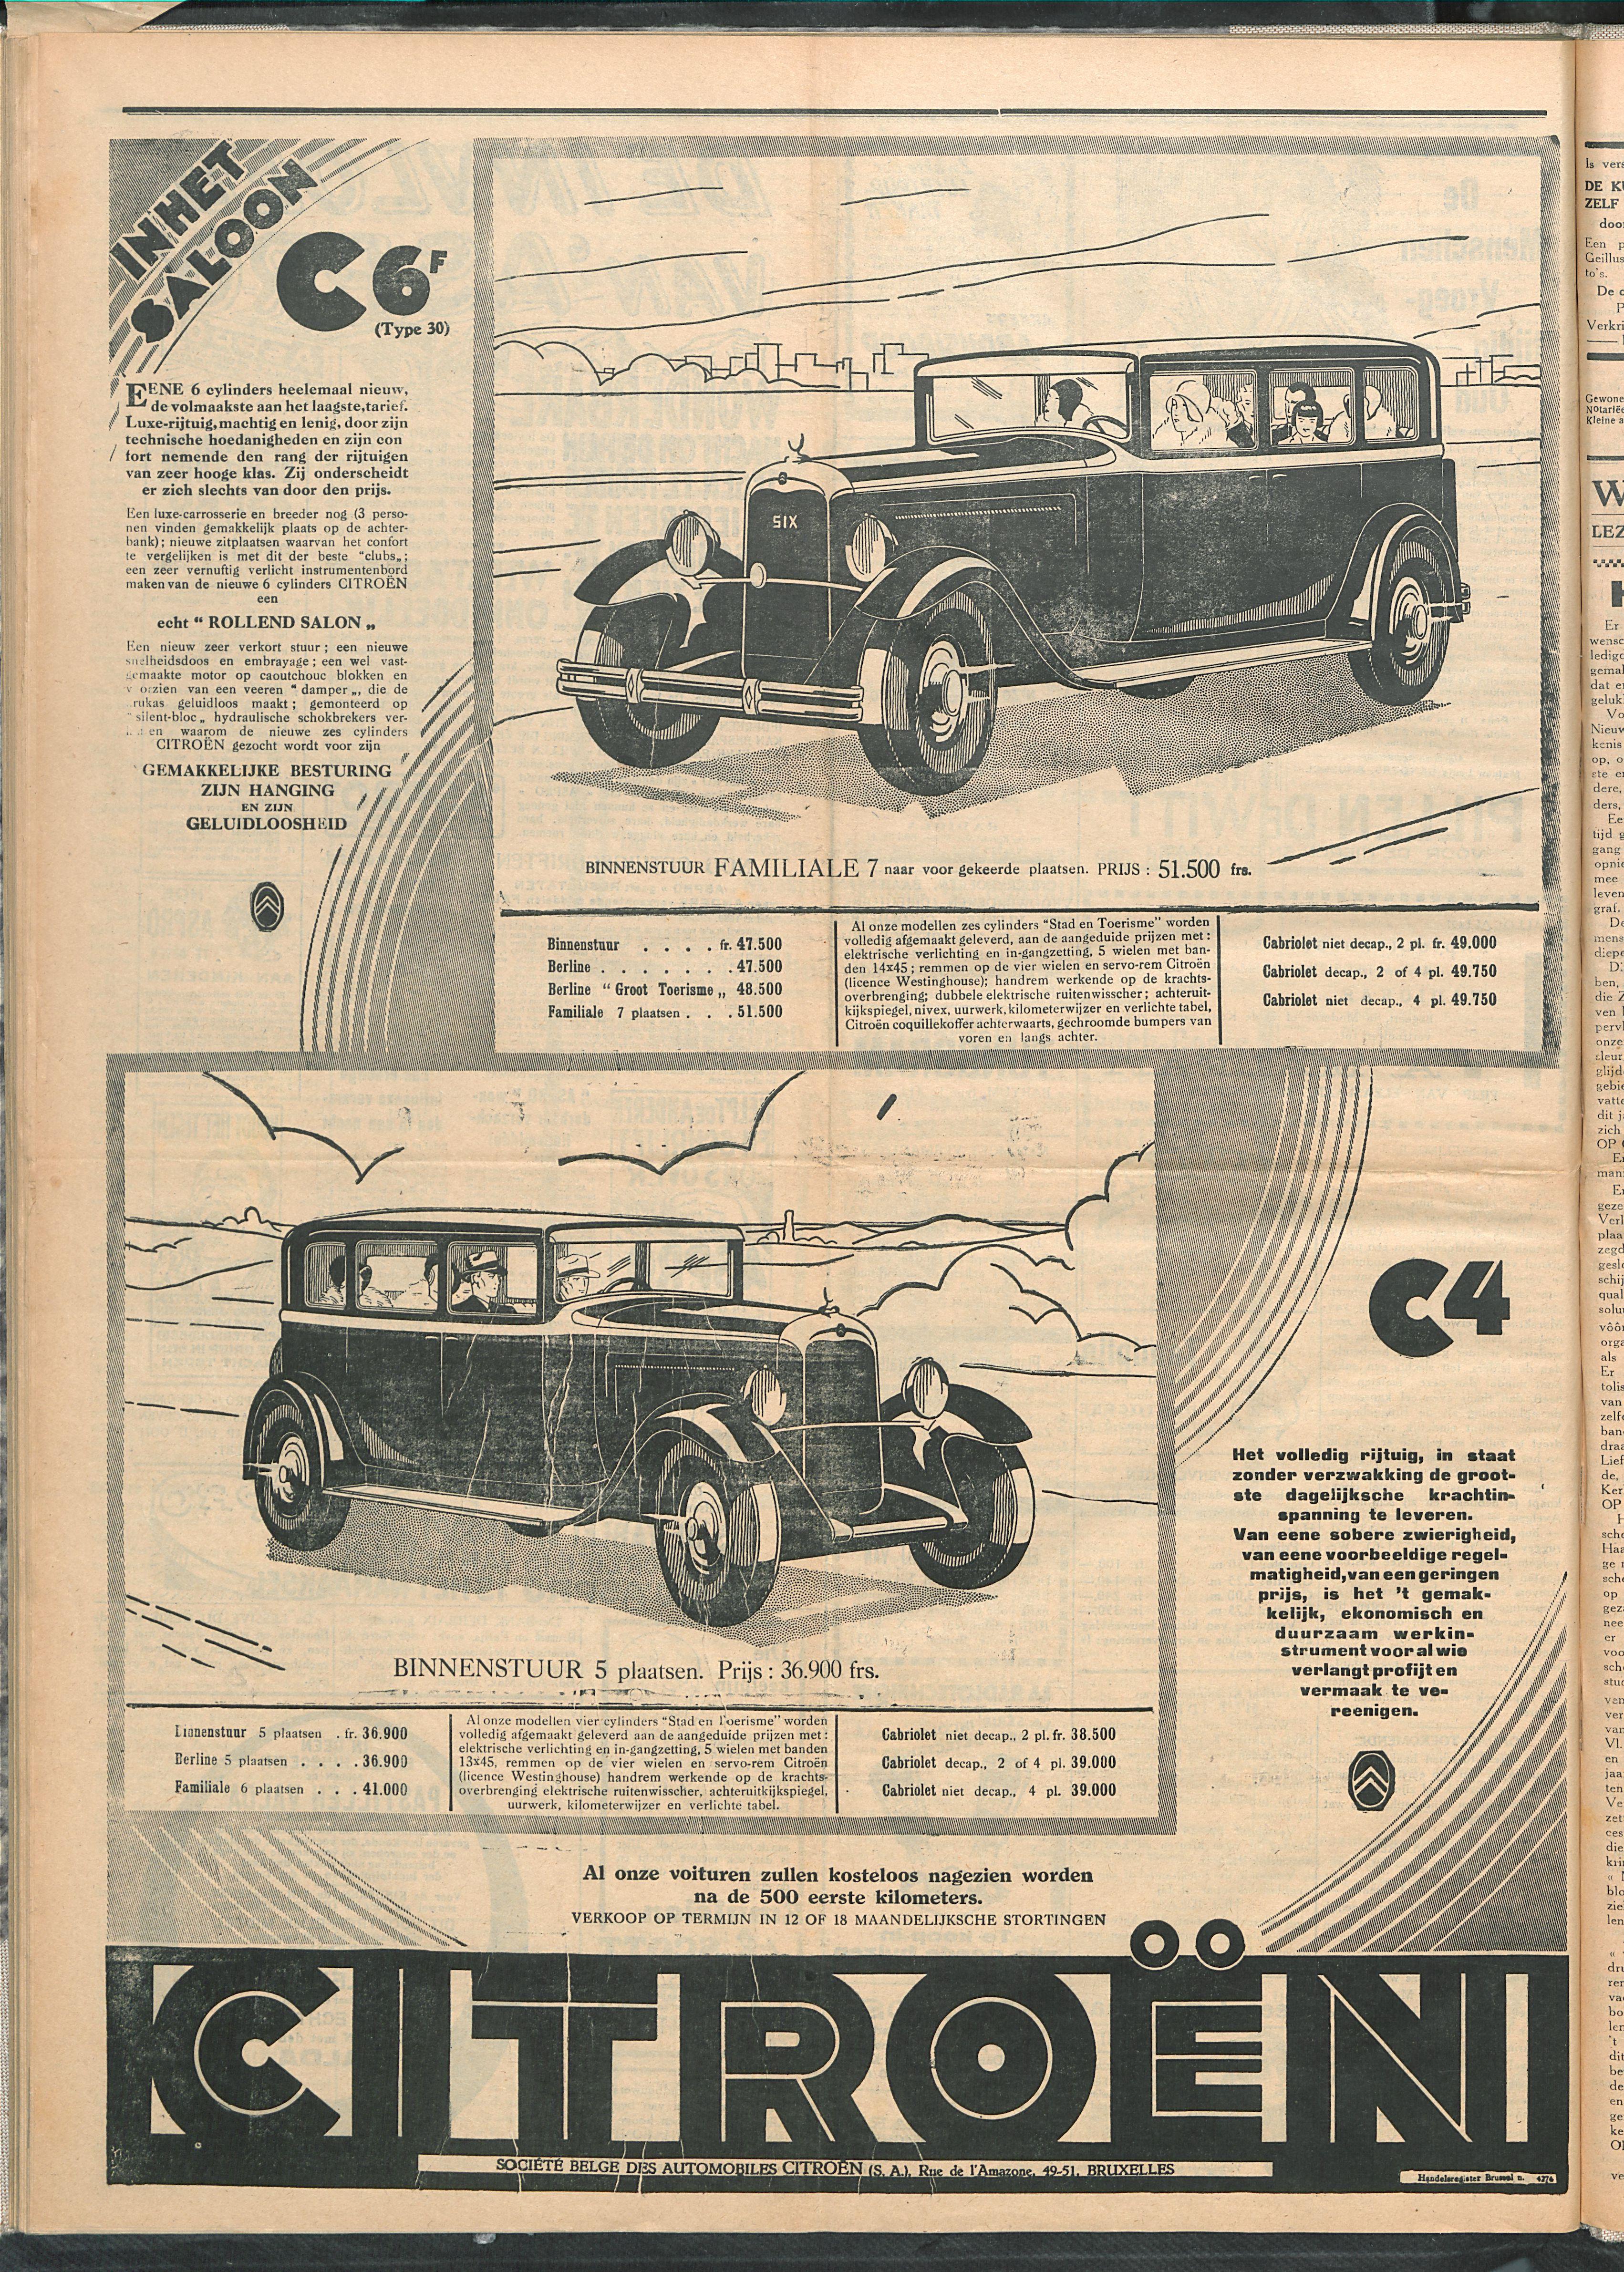 Het Kortrijksche Volk 1929-12-22 p6